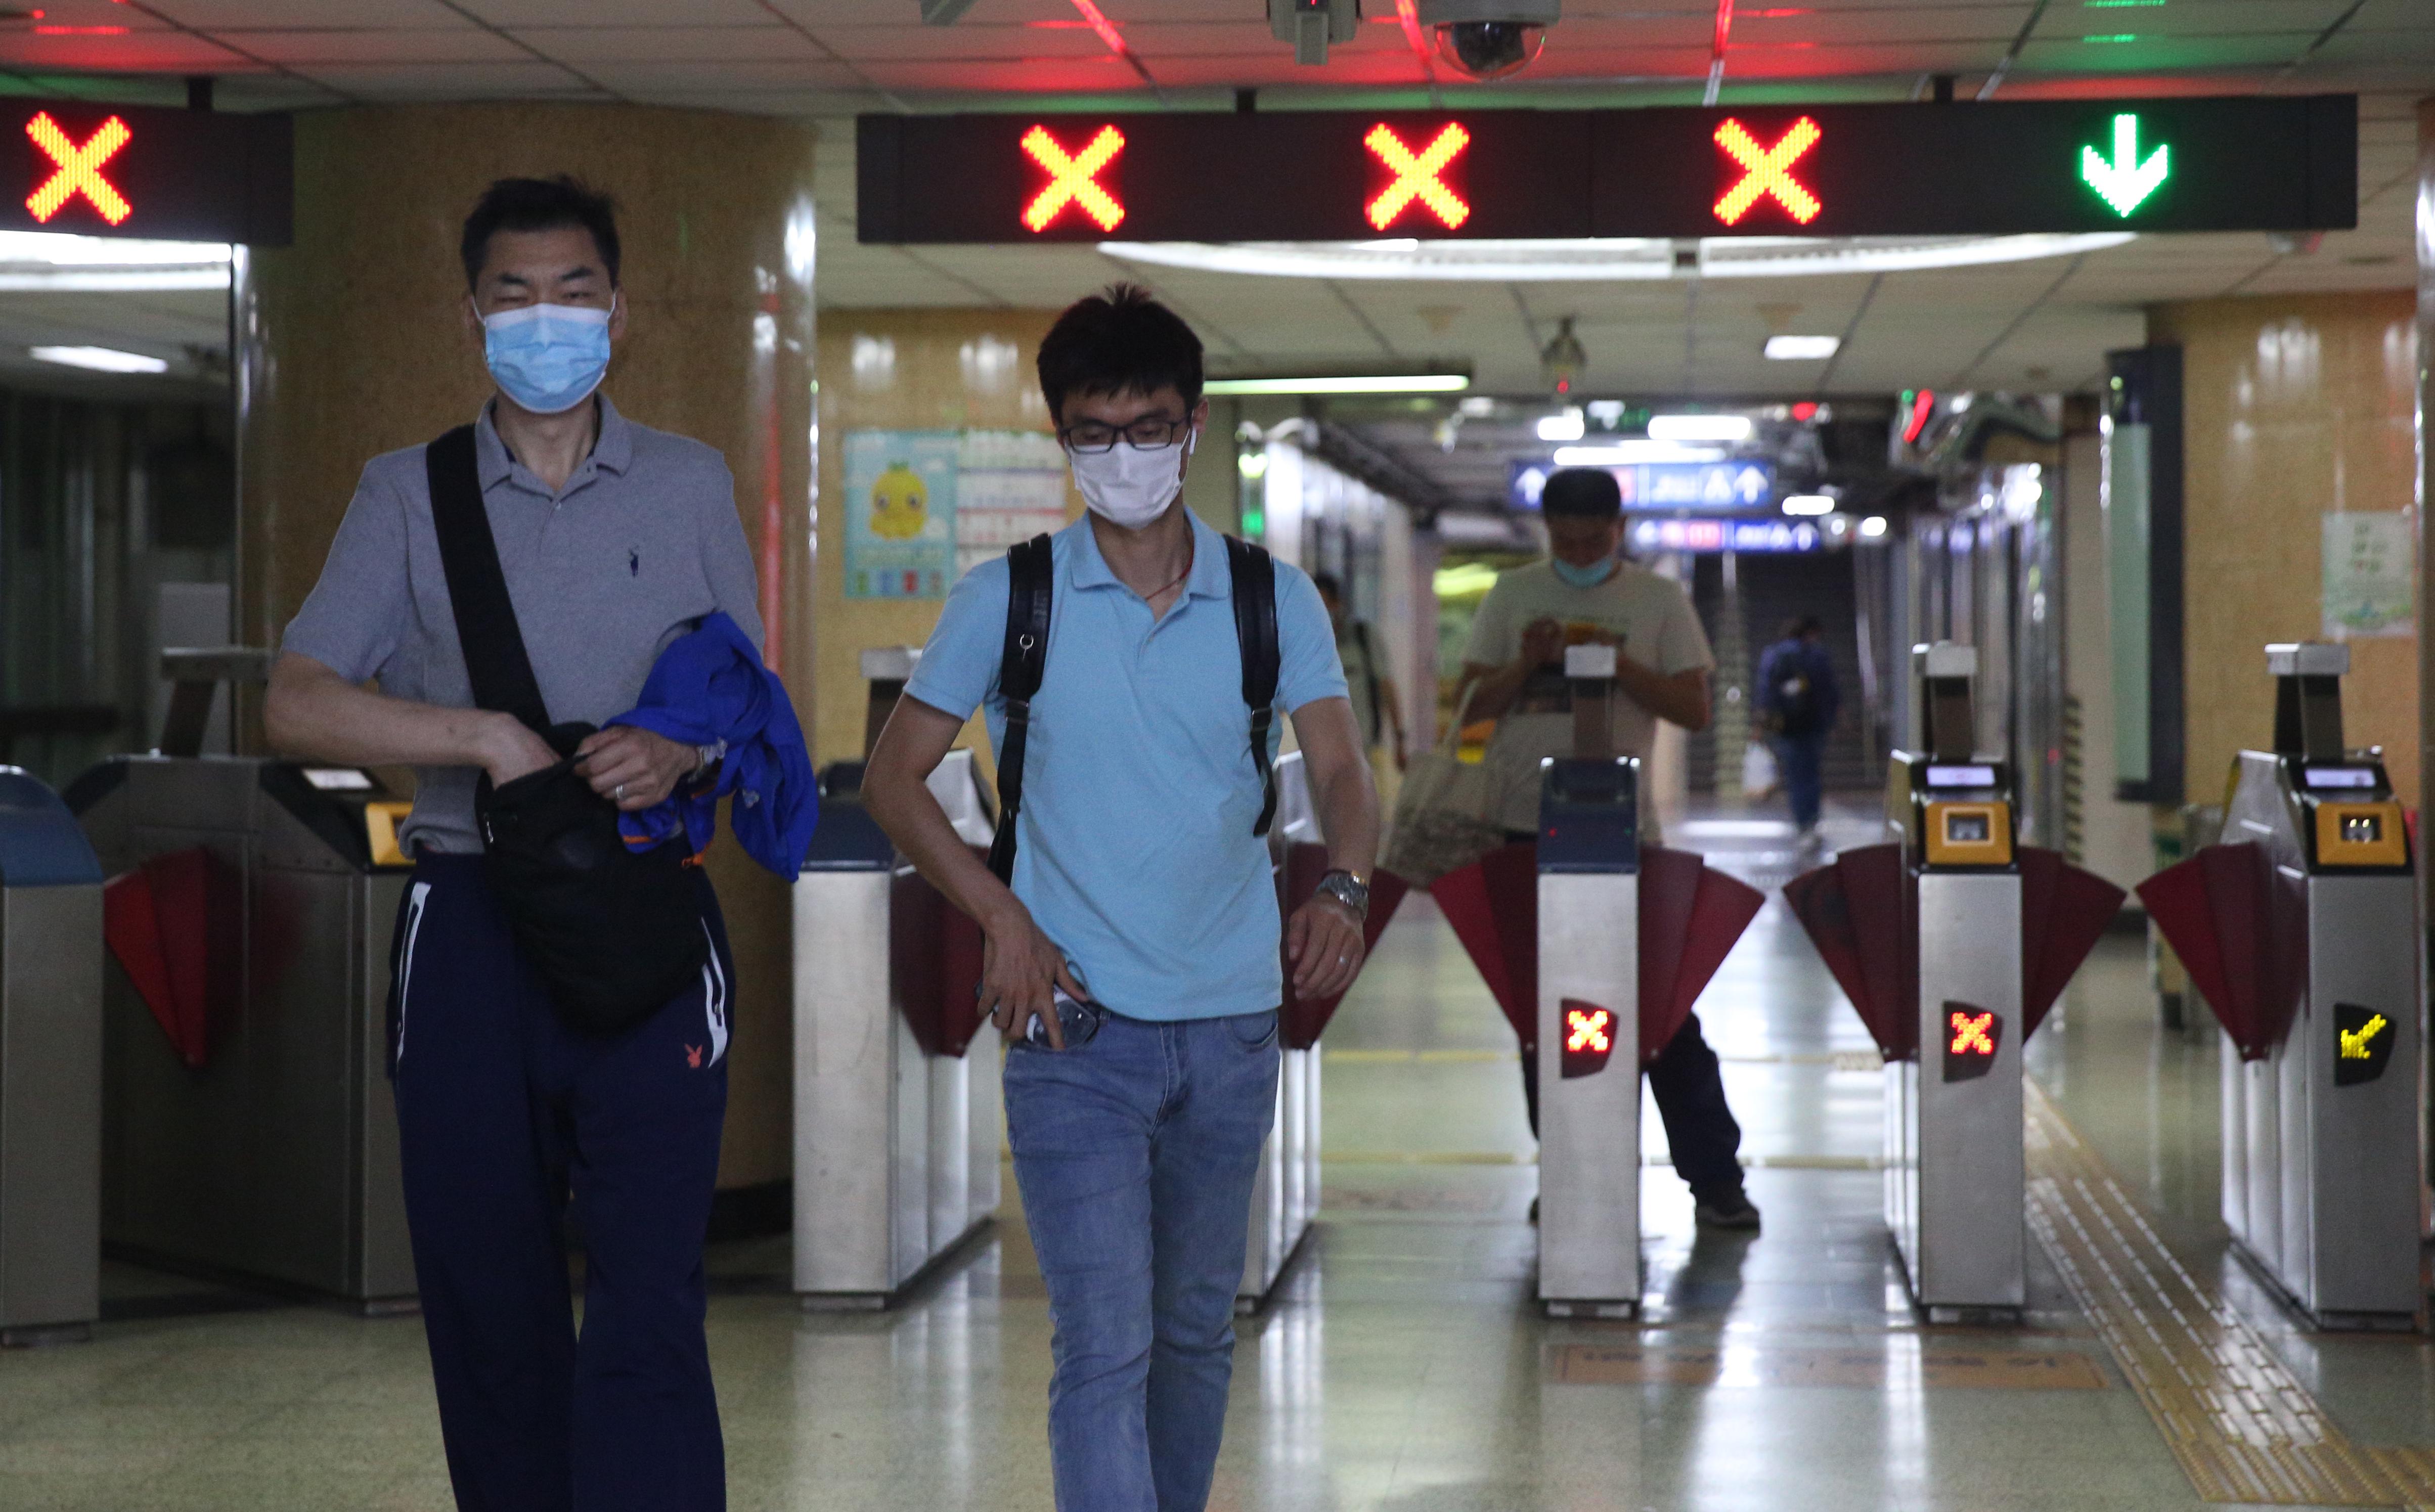 Félmillió ember került karantén alá Peking térségében a koronavírus terjedése miatt